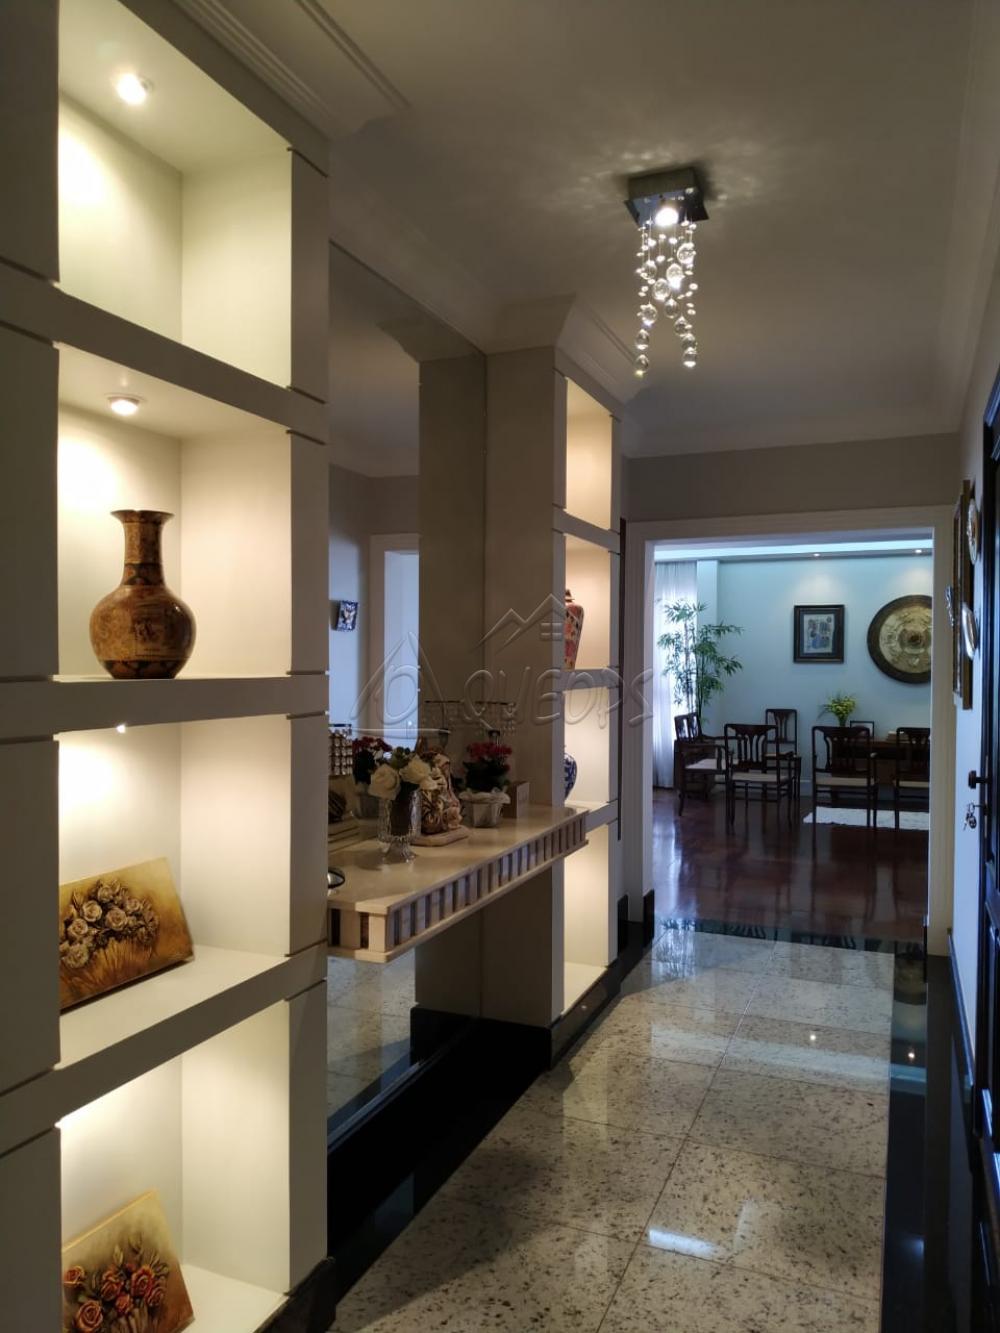 Comprar Apartamento / Padrão em Barretos apenas R$ 1.200.000,00 - Foto 5